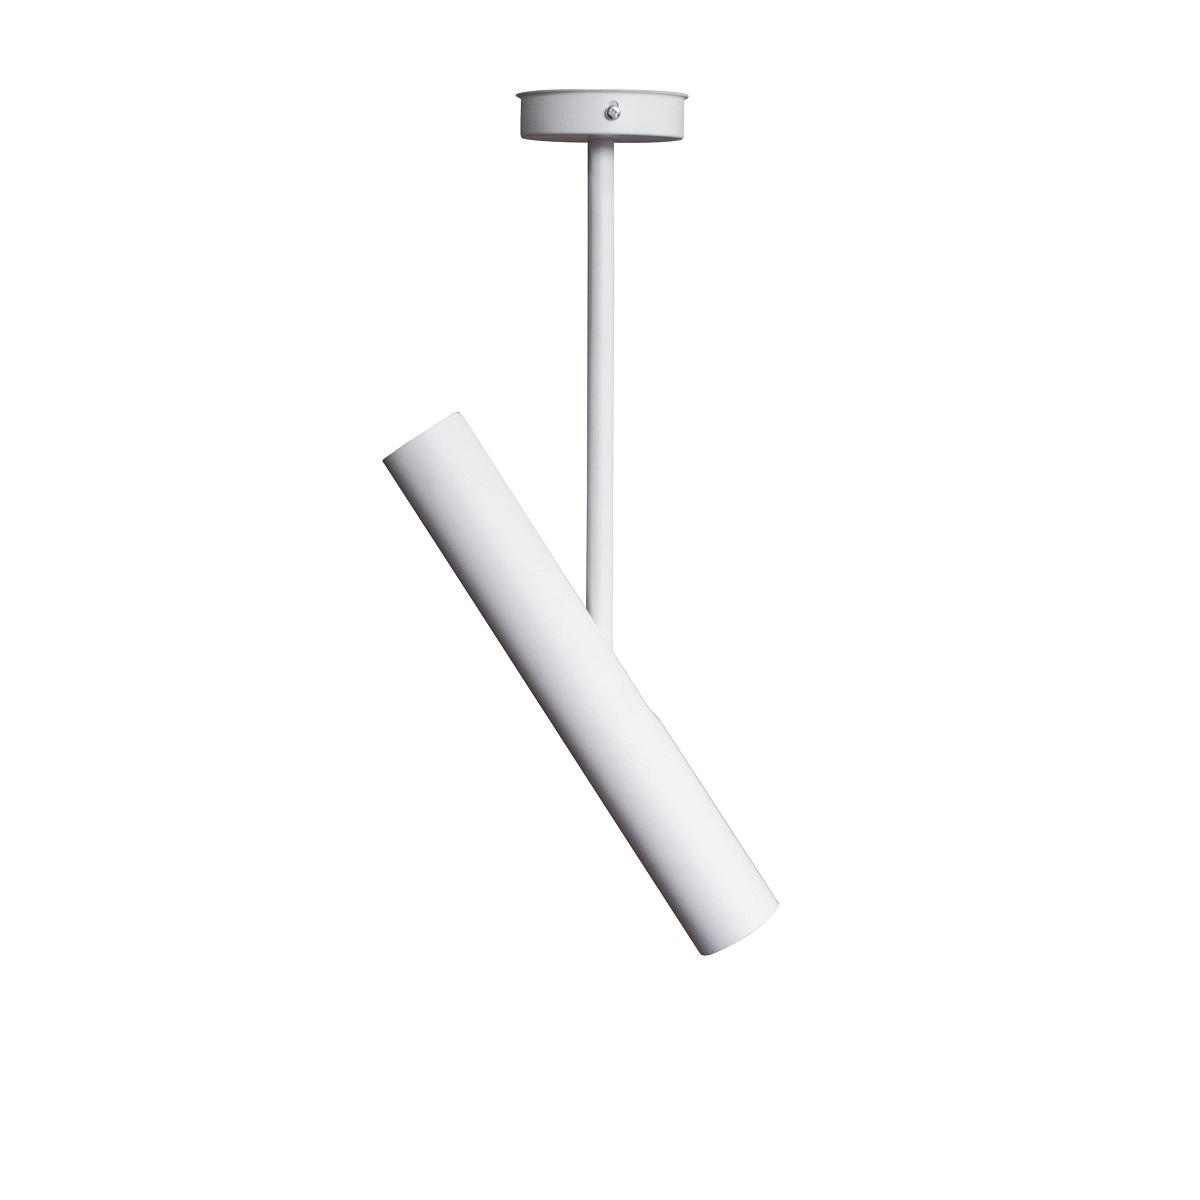 Светильники ЛОФТ - Люстра лофт потолочная с поворотным плафоном 000002799 - Фото 1